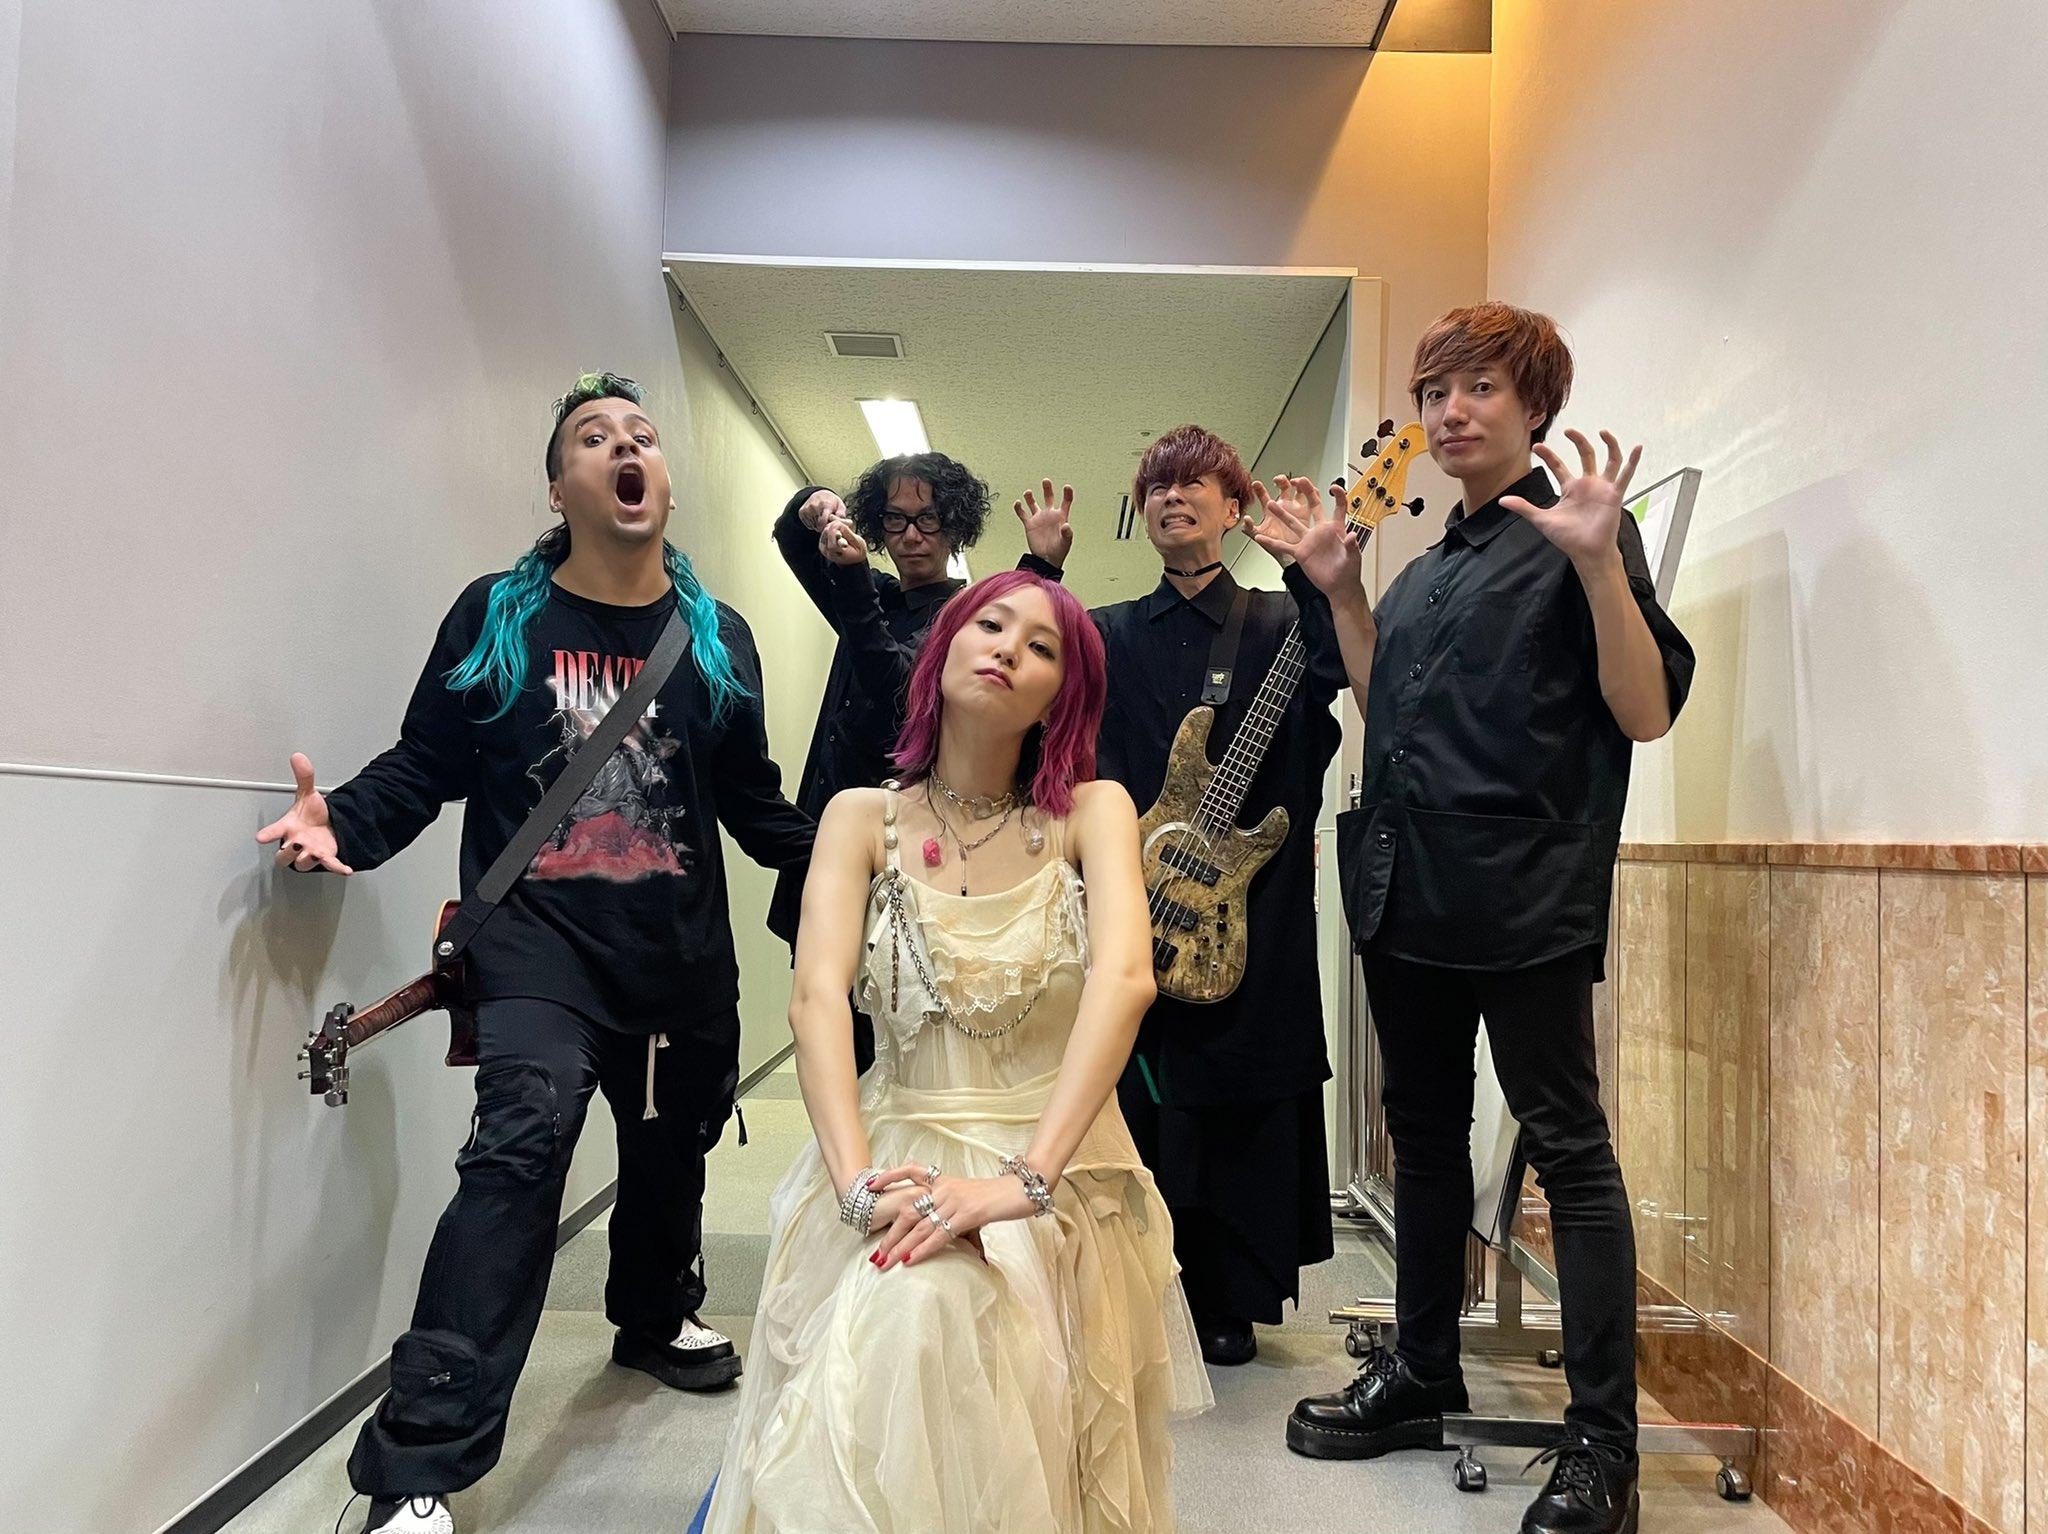 LiSAが「CDTVライブ!ライブ!」に出演した際の写真